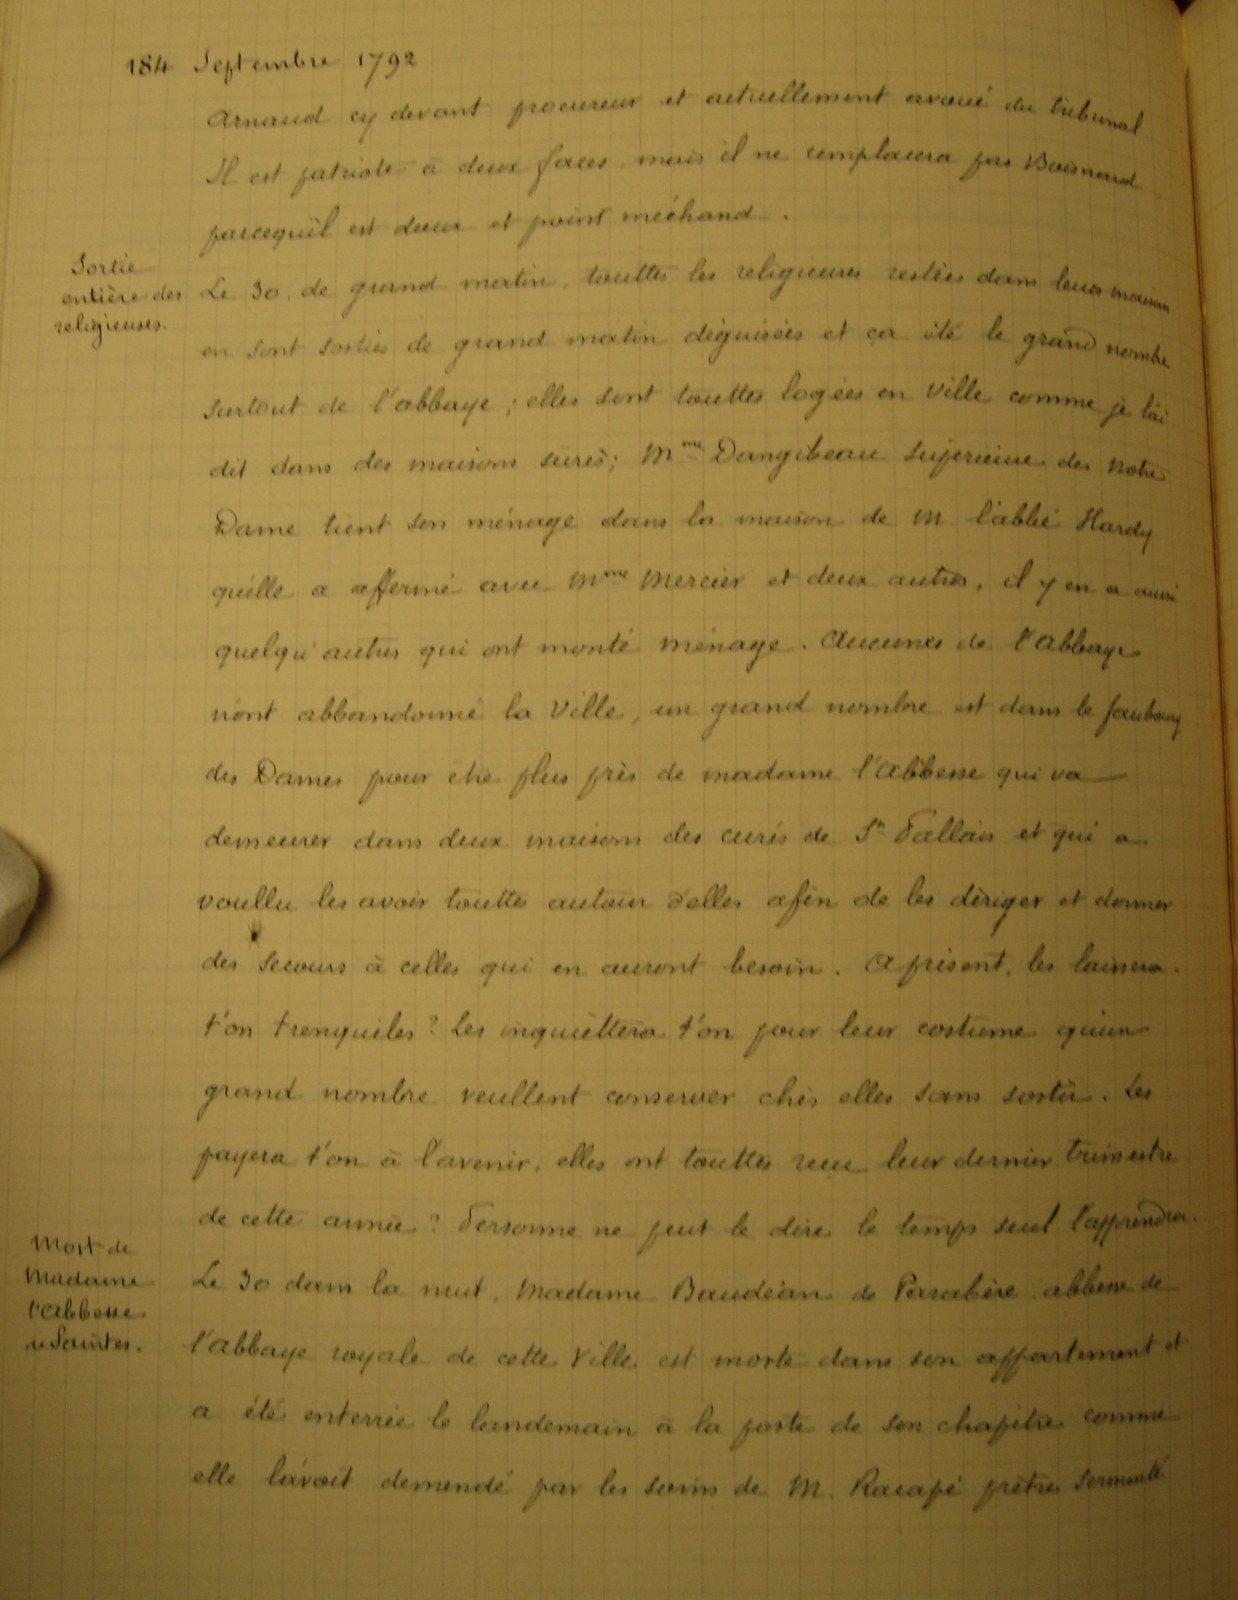 Affaire des cloches de l'abbaye aux Dames....  Les biens de l'abbaye avaient été vendus à l'encan pour les finances de la révolution.